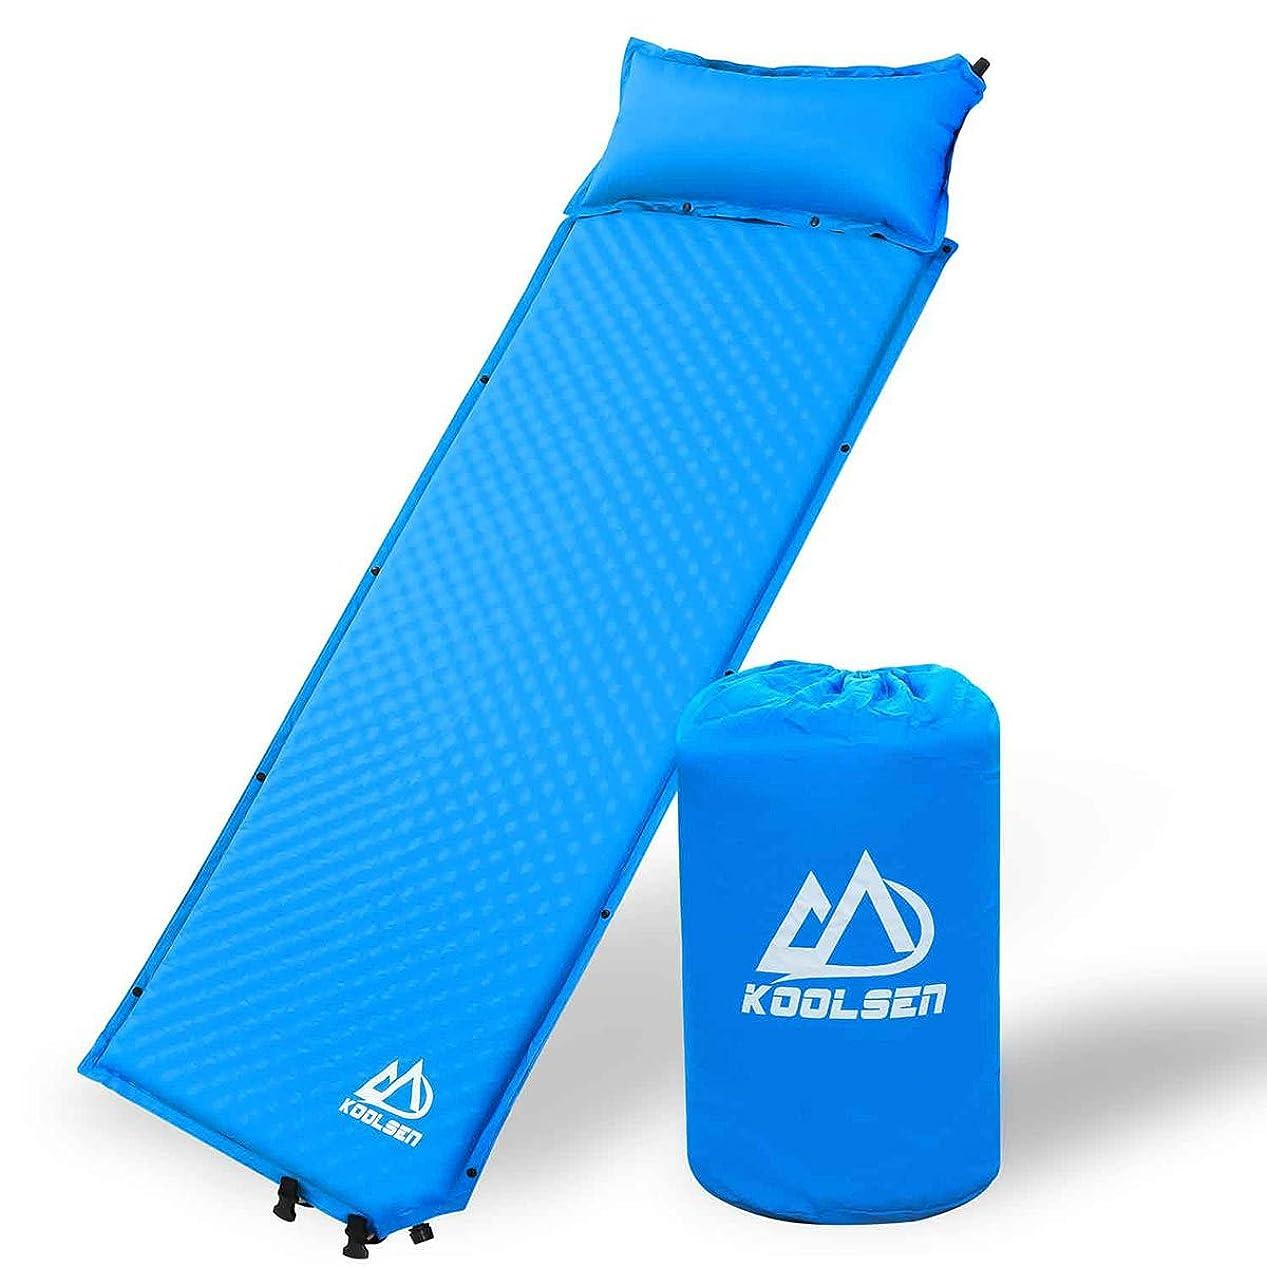 人気公加害者エアーマット キャンプマット キャンピングマット KOOLSEN エアーベッド 自動膨張 連結可能 テント泊 車中泊 耐水加工 アウトドア キャンプ 寝袋 枕が取り外し可能 家族旅行 (Blue-枕が取り外し可能)